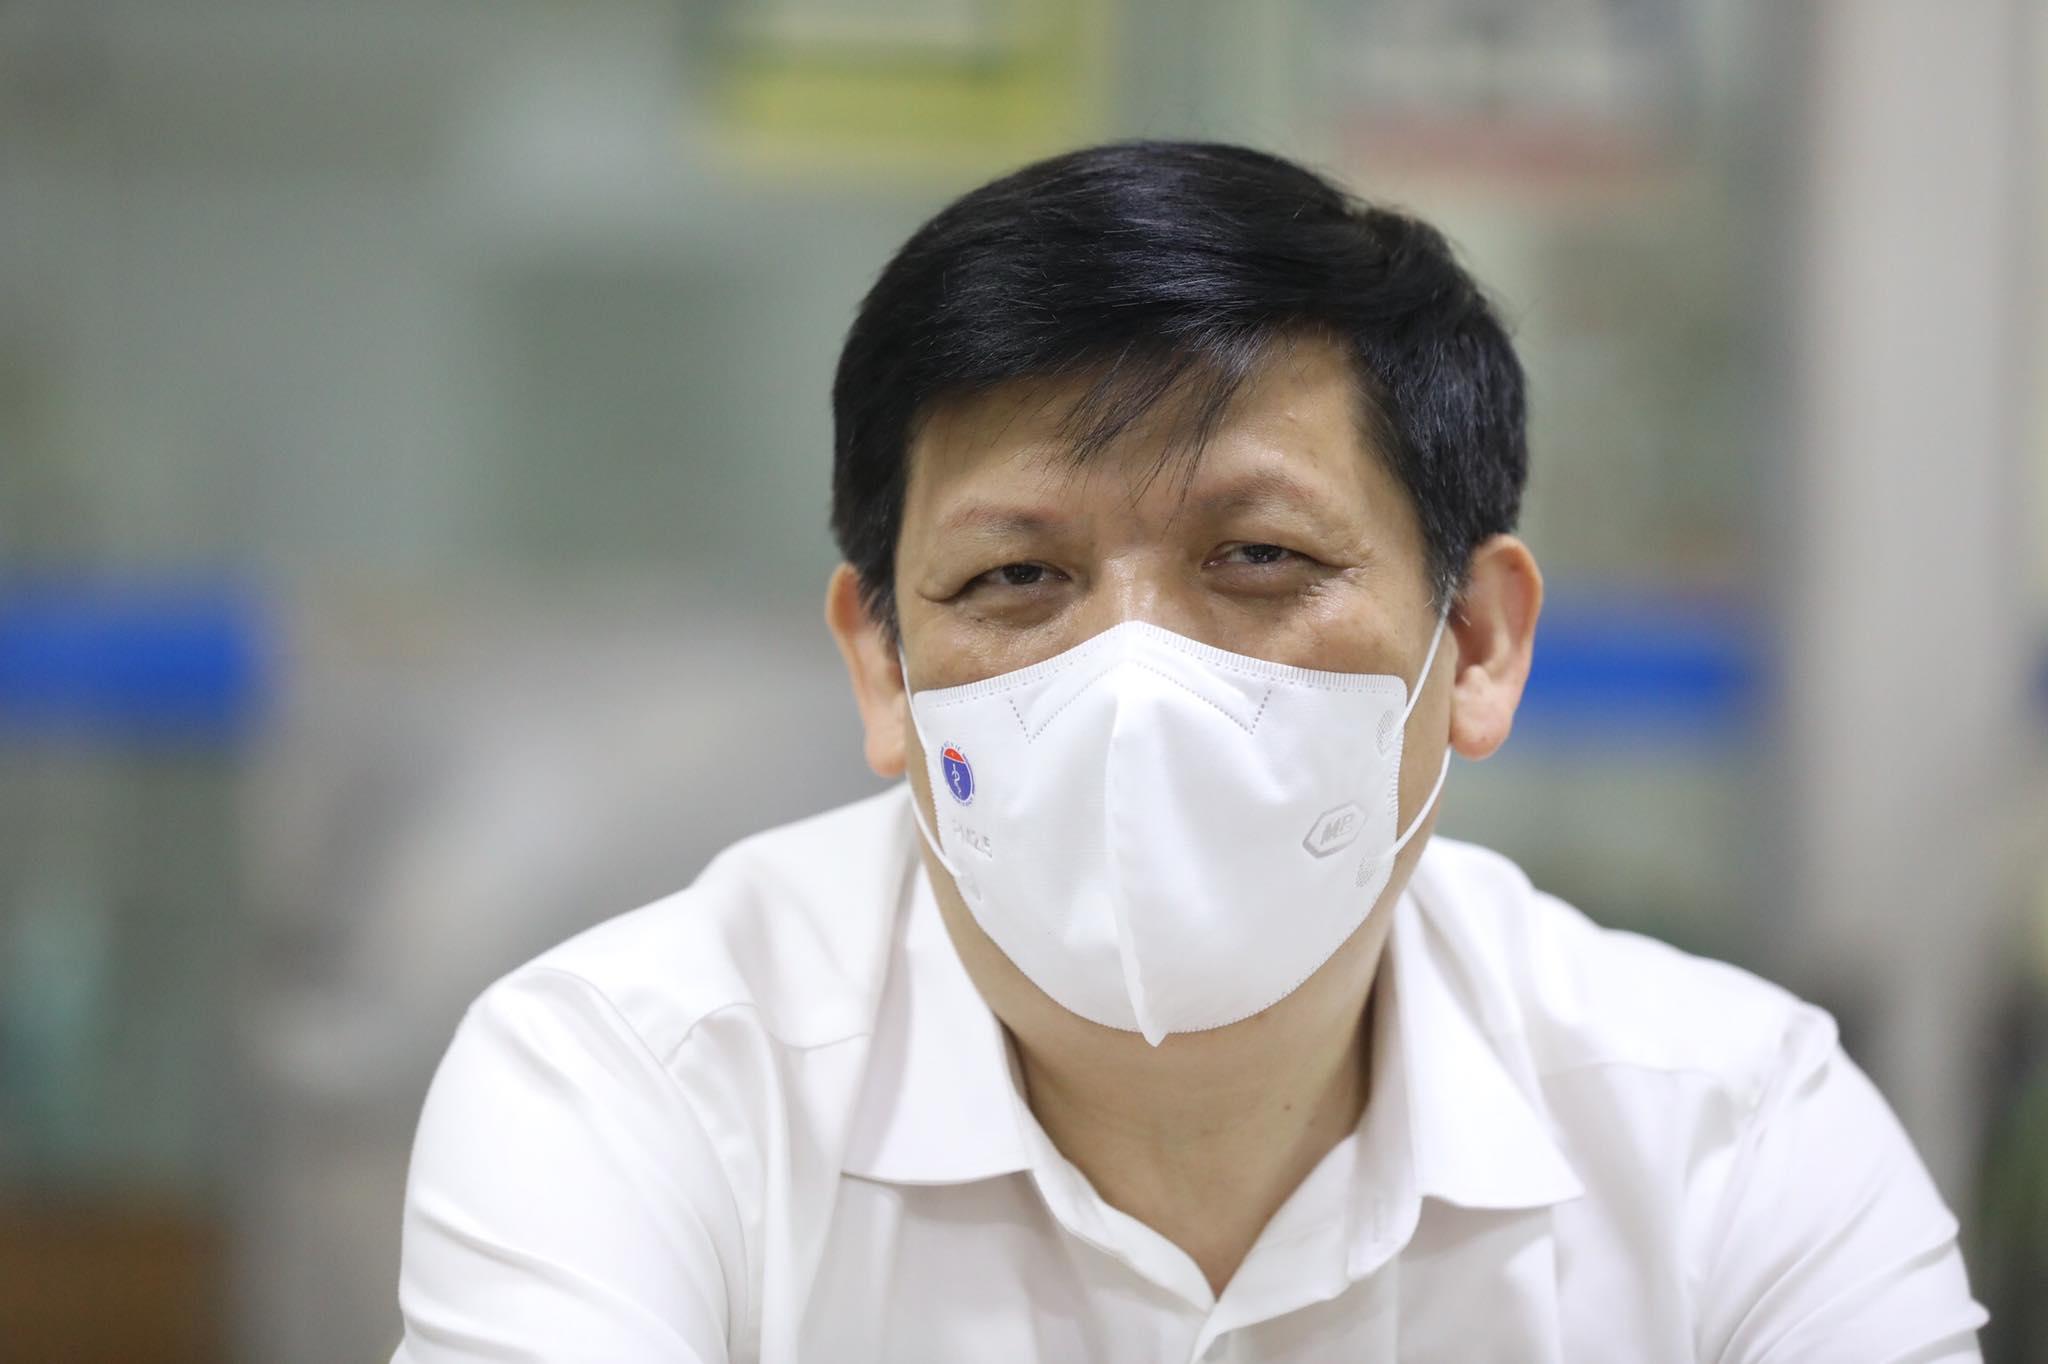 Bộ trưởng Y tế Nguyễn Thanh Long. Ảnh: Ngọc Thành